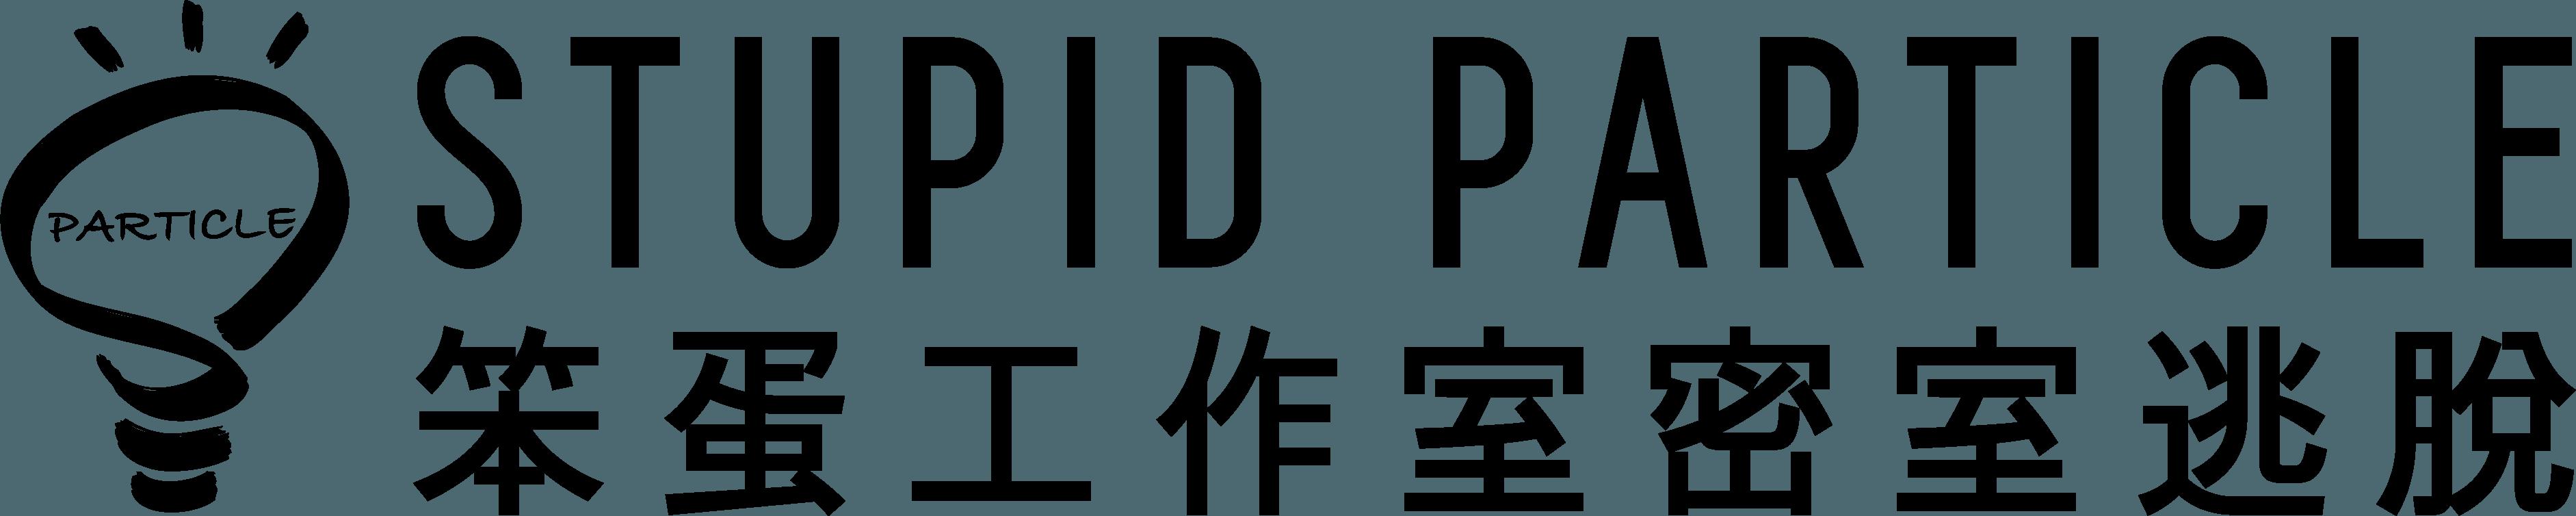 logo-笨蛋工作室新竹館